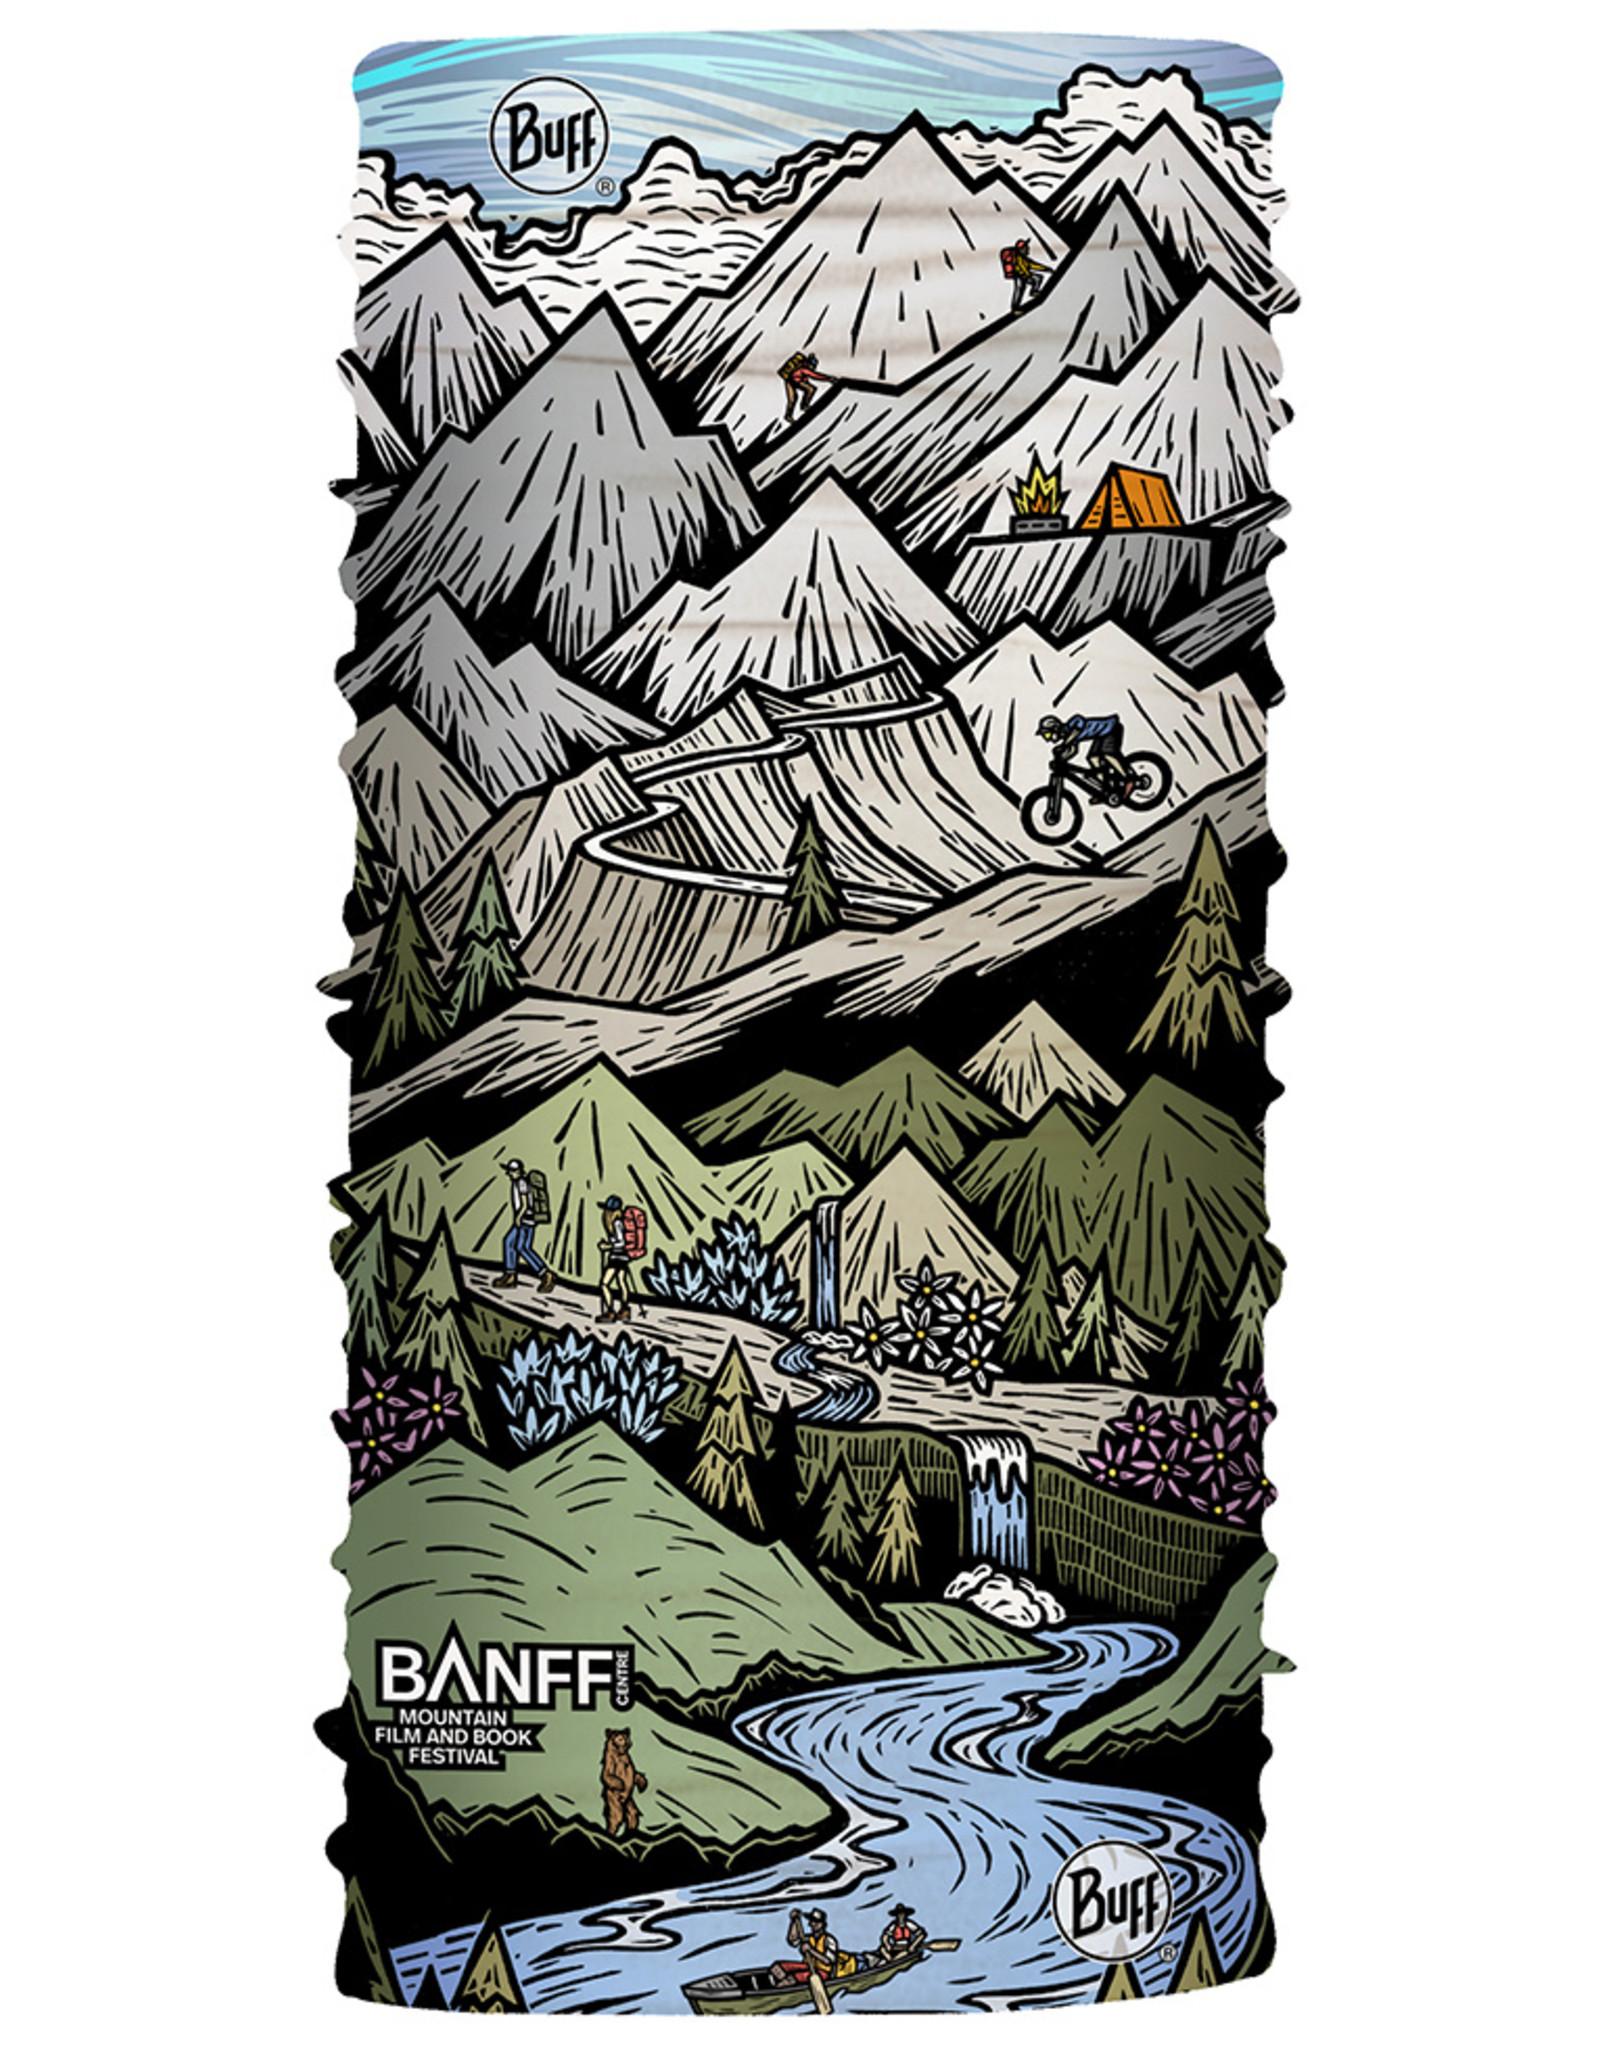 Buff Buff Original Banff Endless Adventures